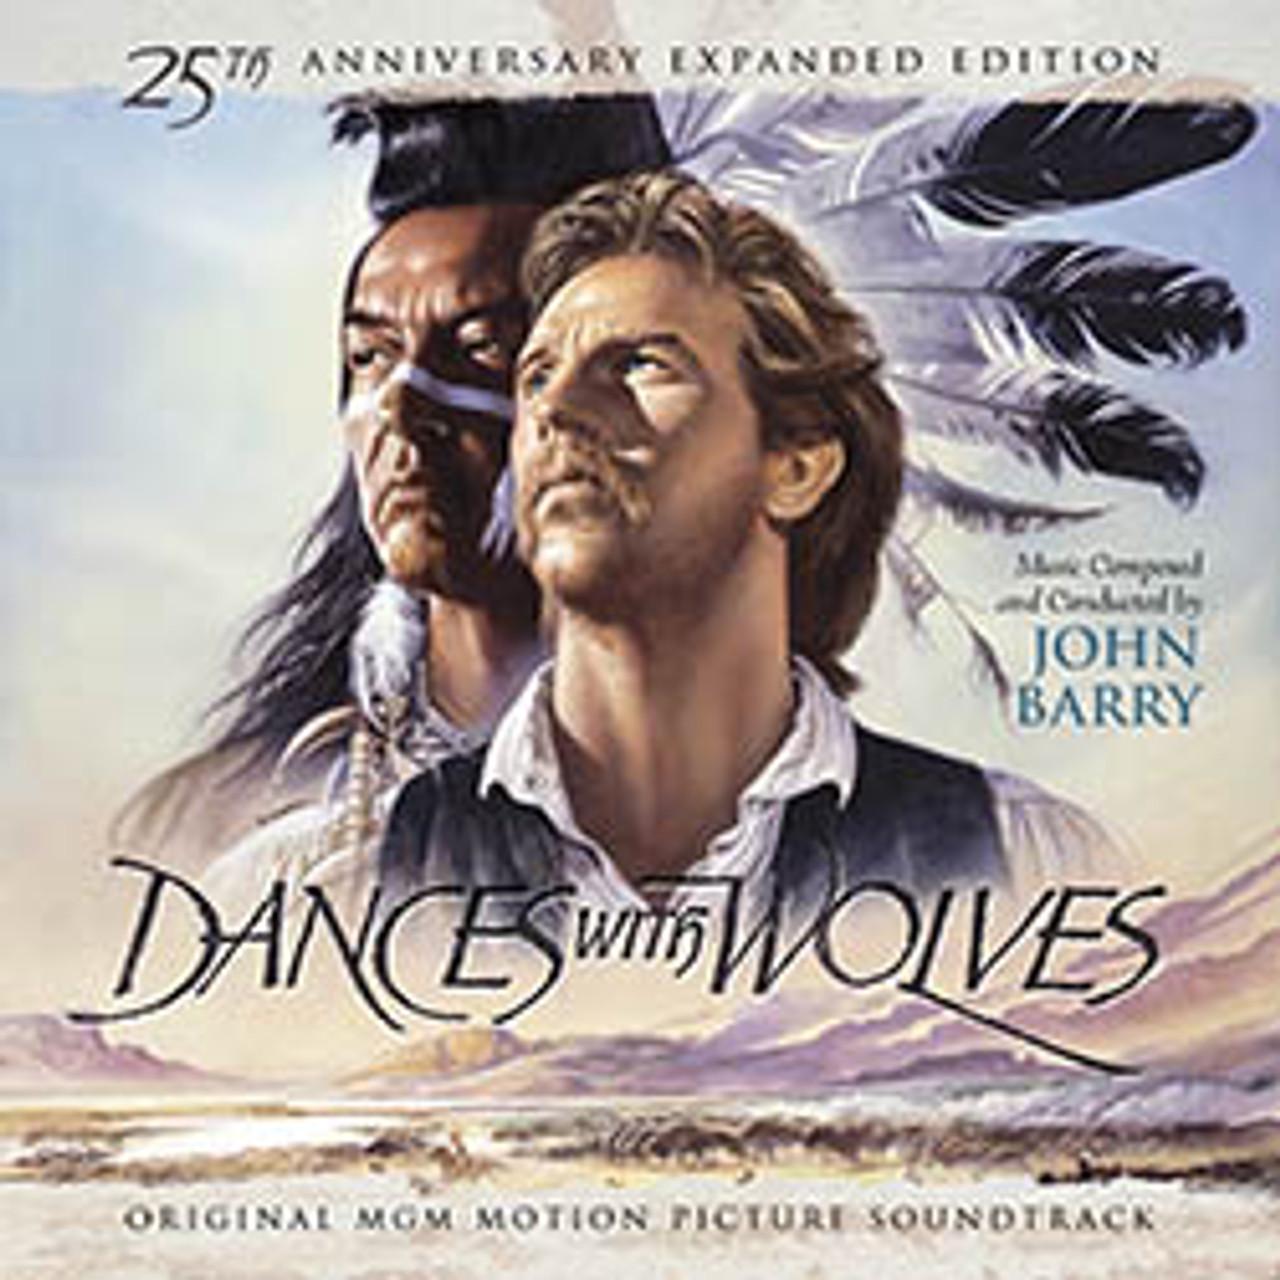 dances_with_wolves_Web__39140.1524179032